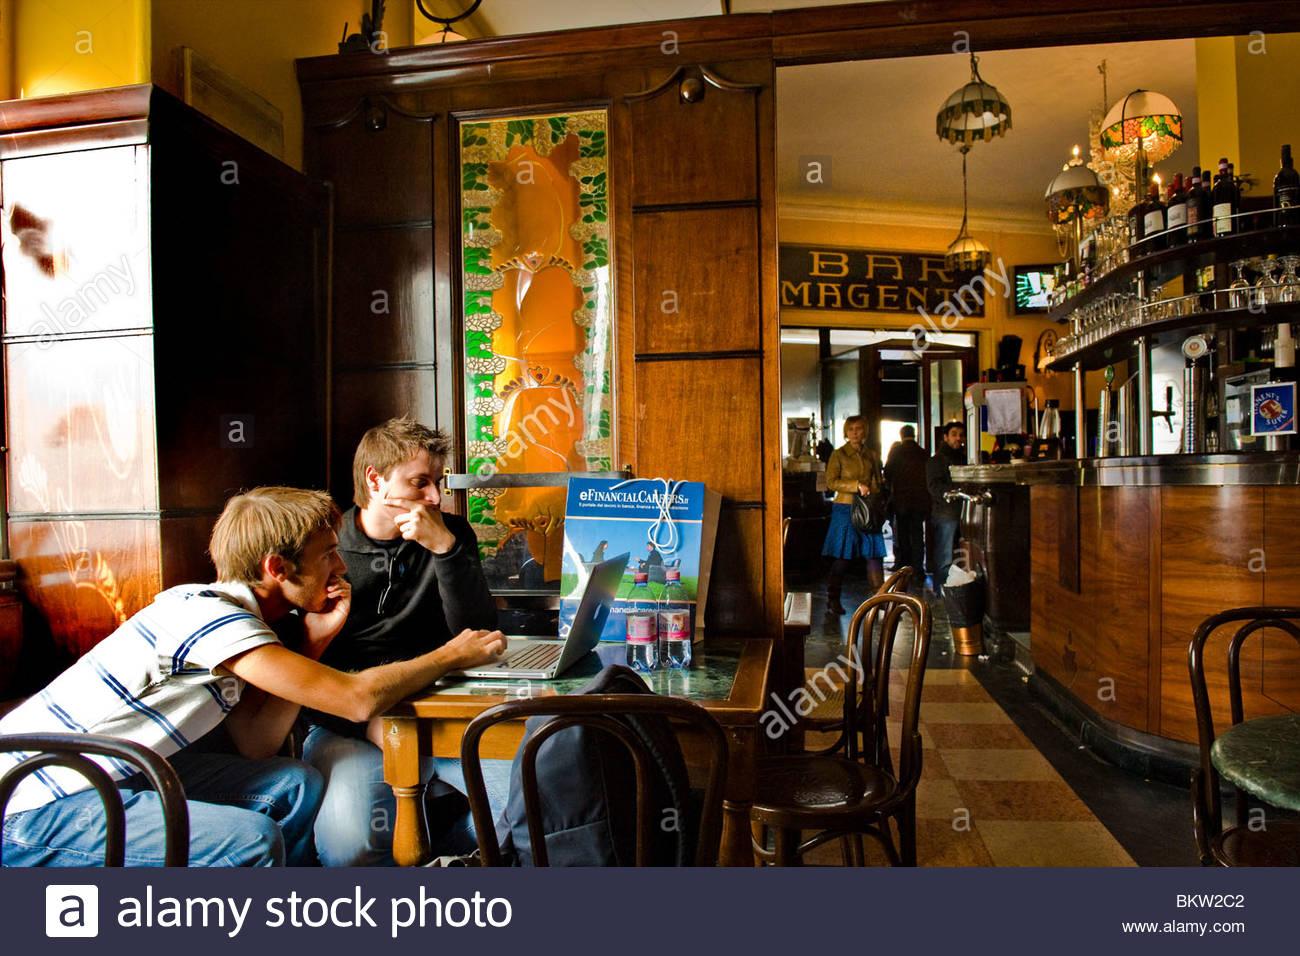 bar magenta,milan,lombardia,italy - Stock Image